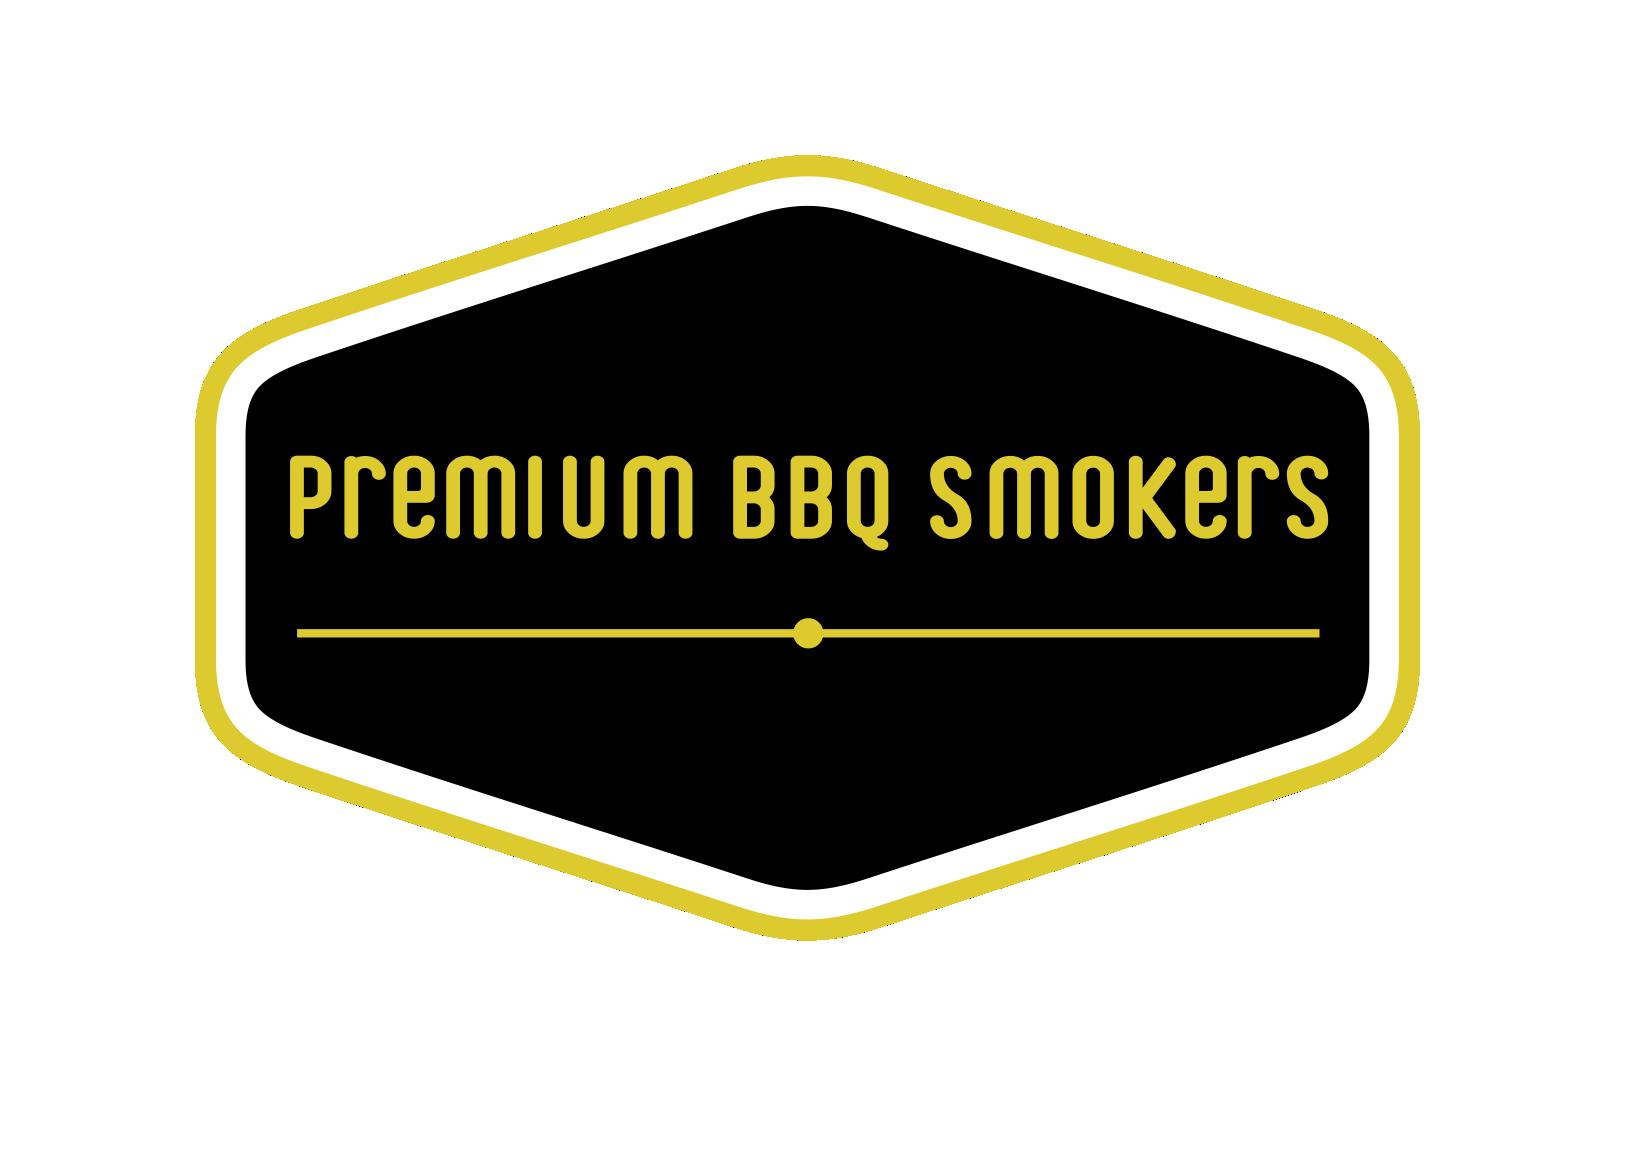 Premium BBQ Smokers